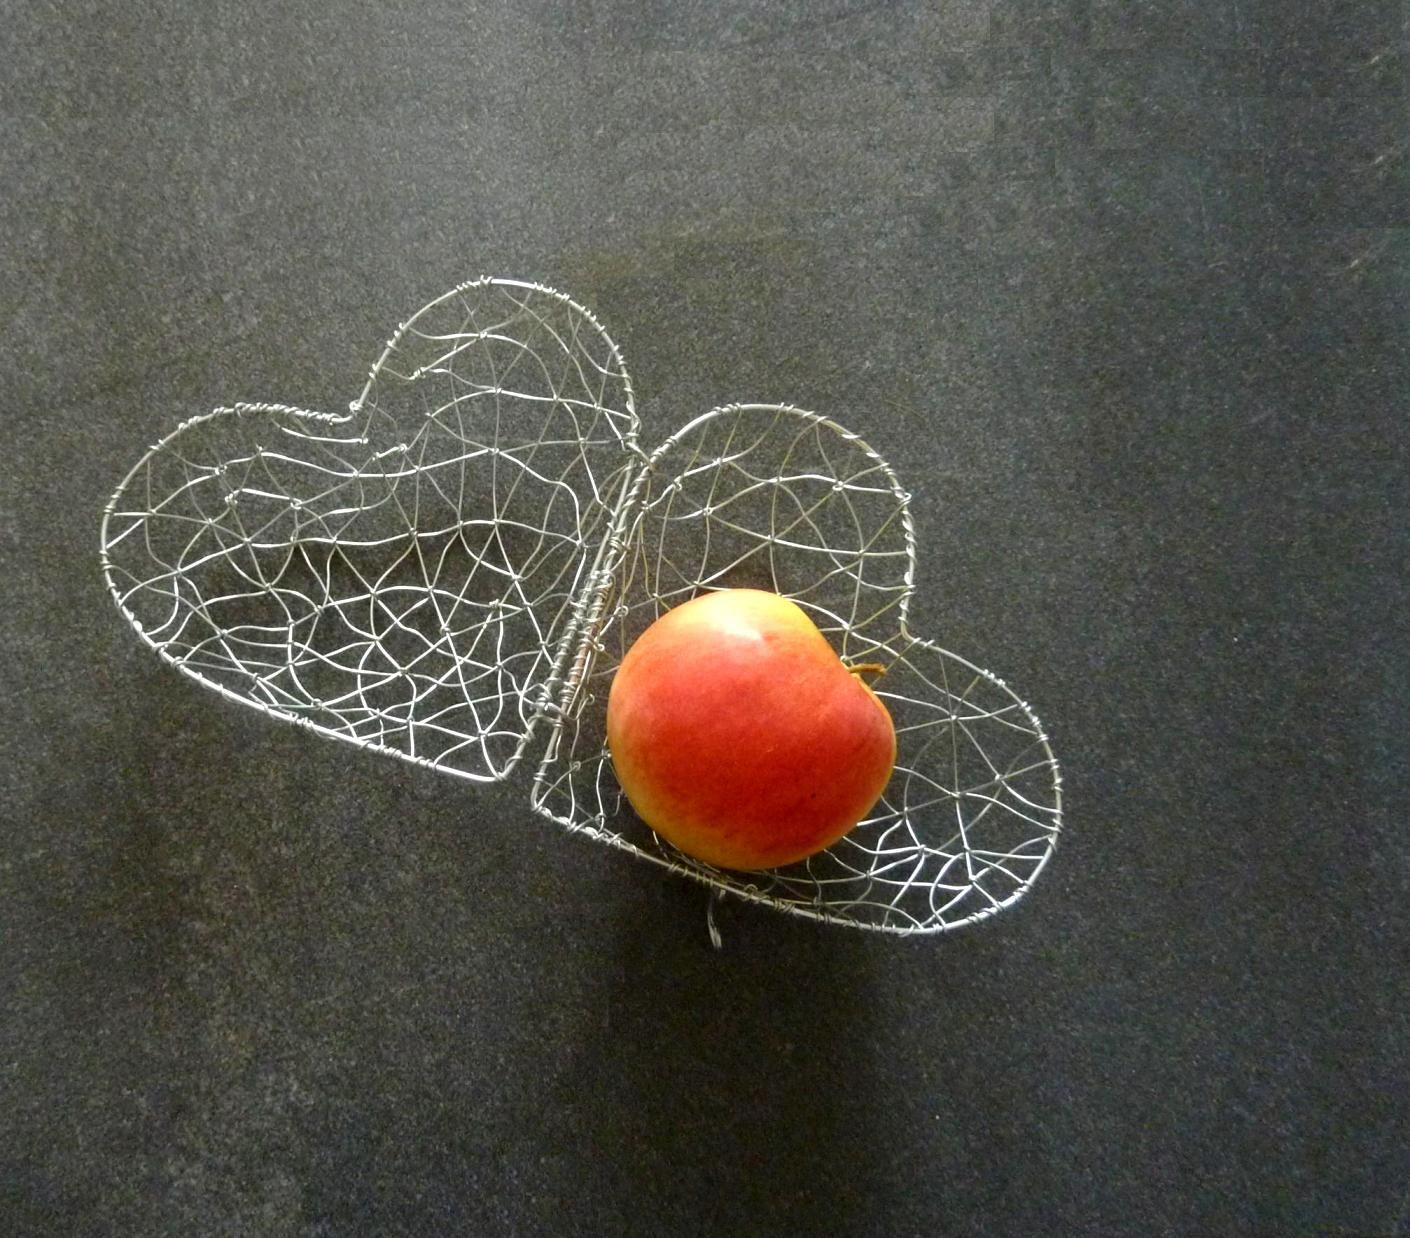 Srdce plné překvapení  - stříbrné